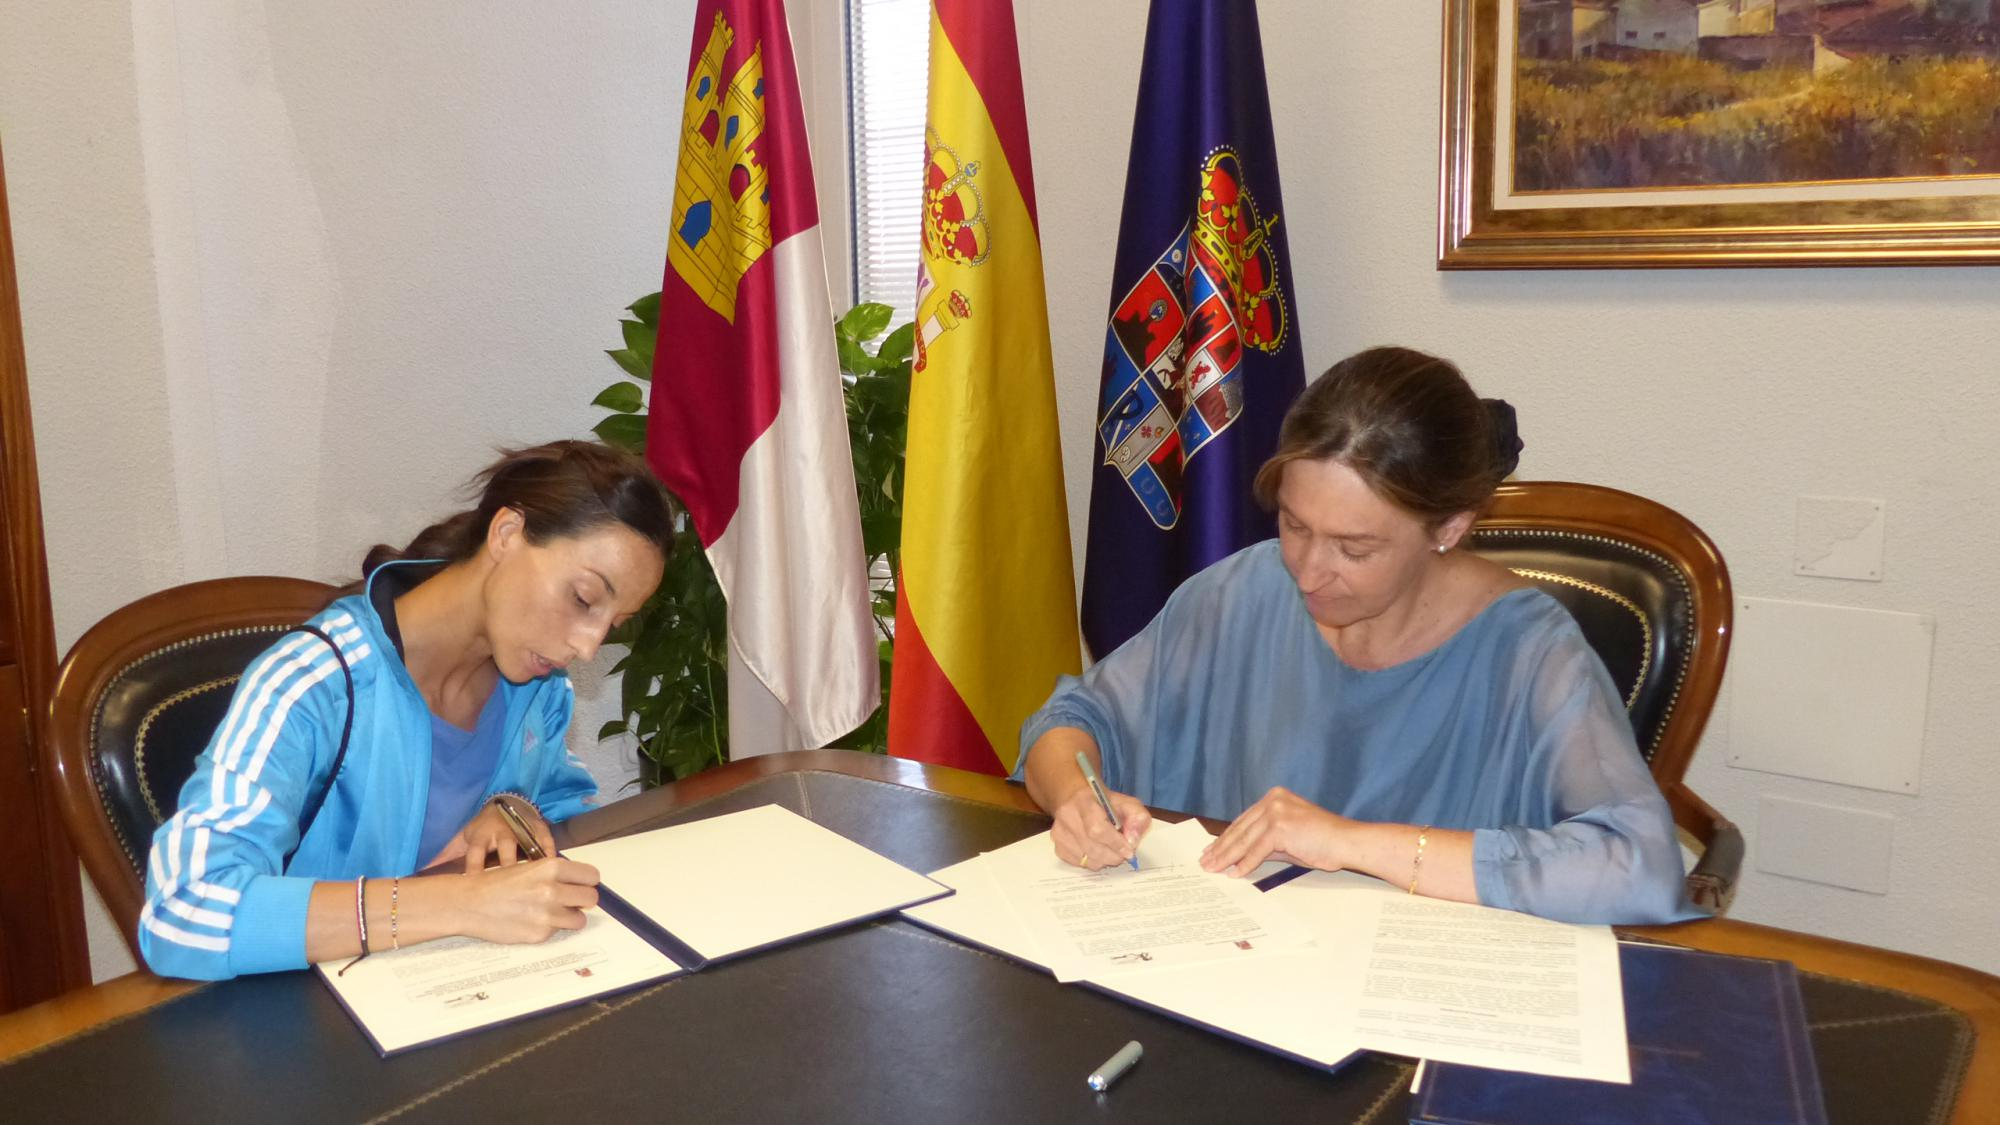 La Diputación colabora con el Club Canicross que lleva esta práctica deportiva por diversos pueblos de nuestra provincia